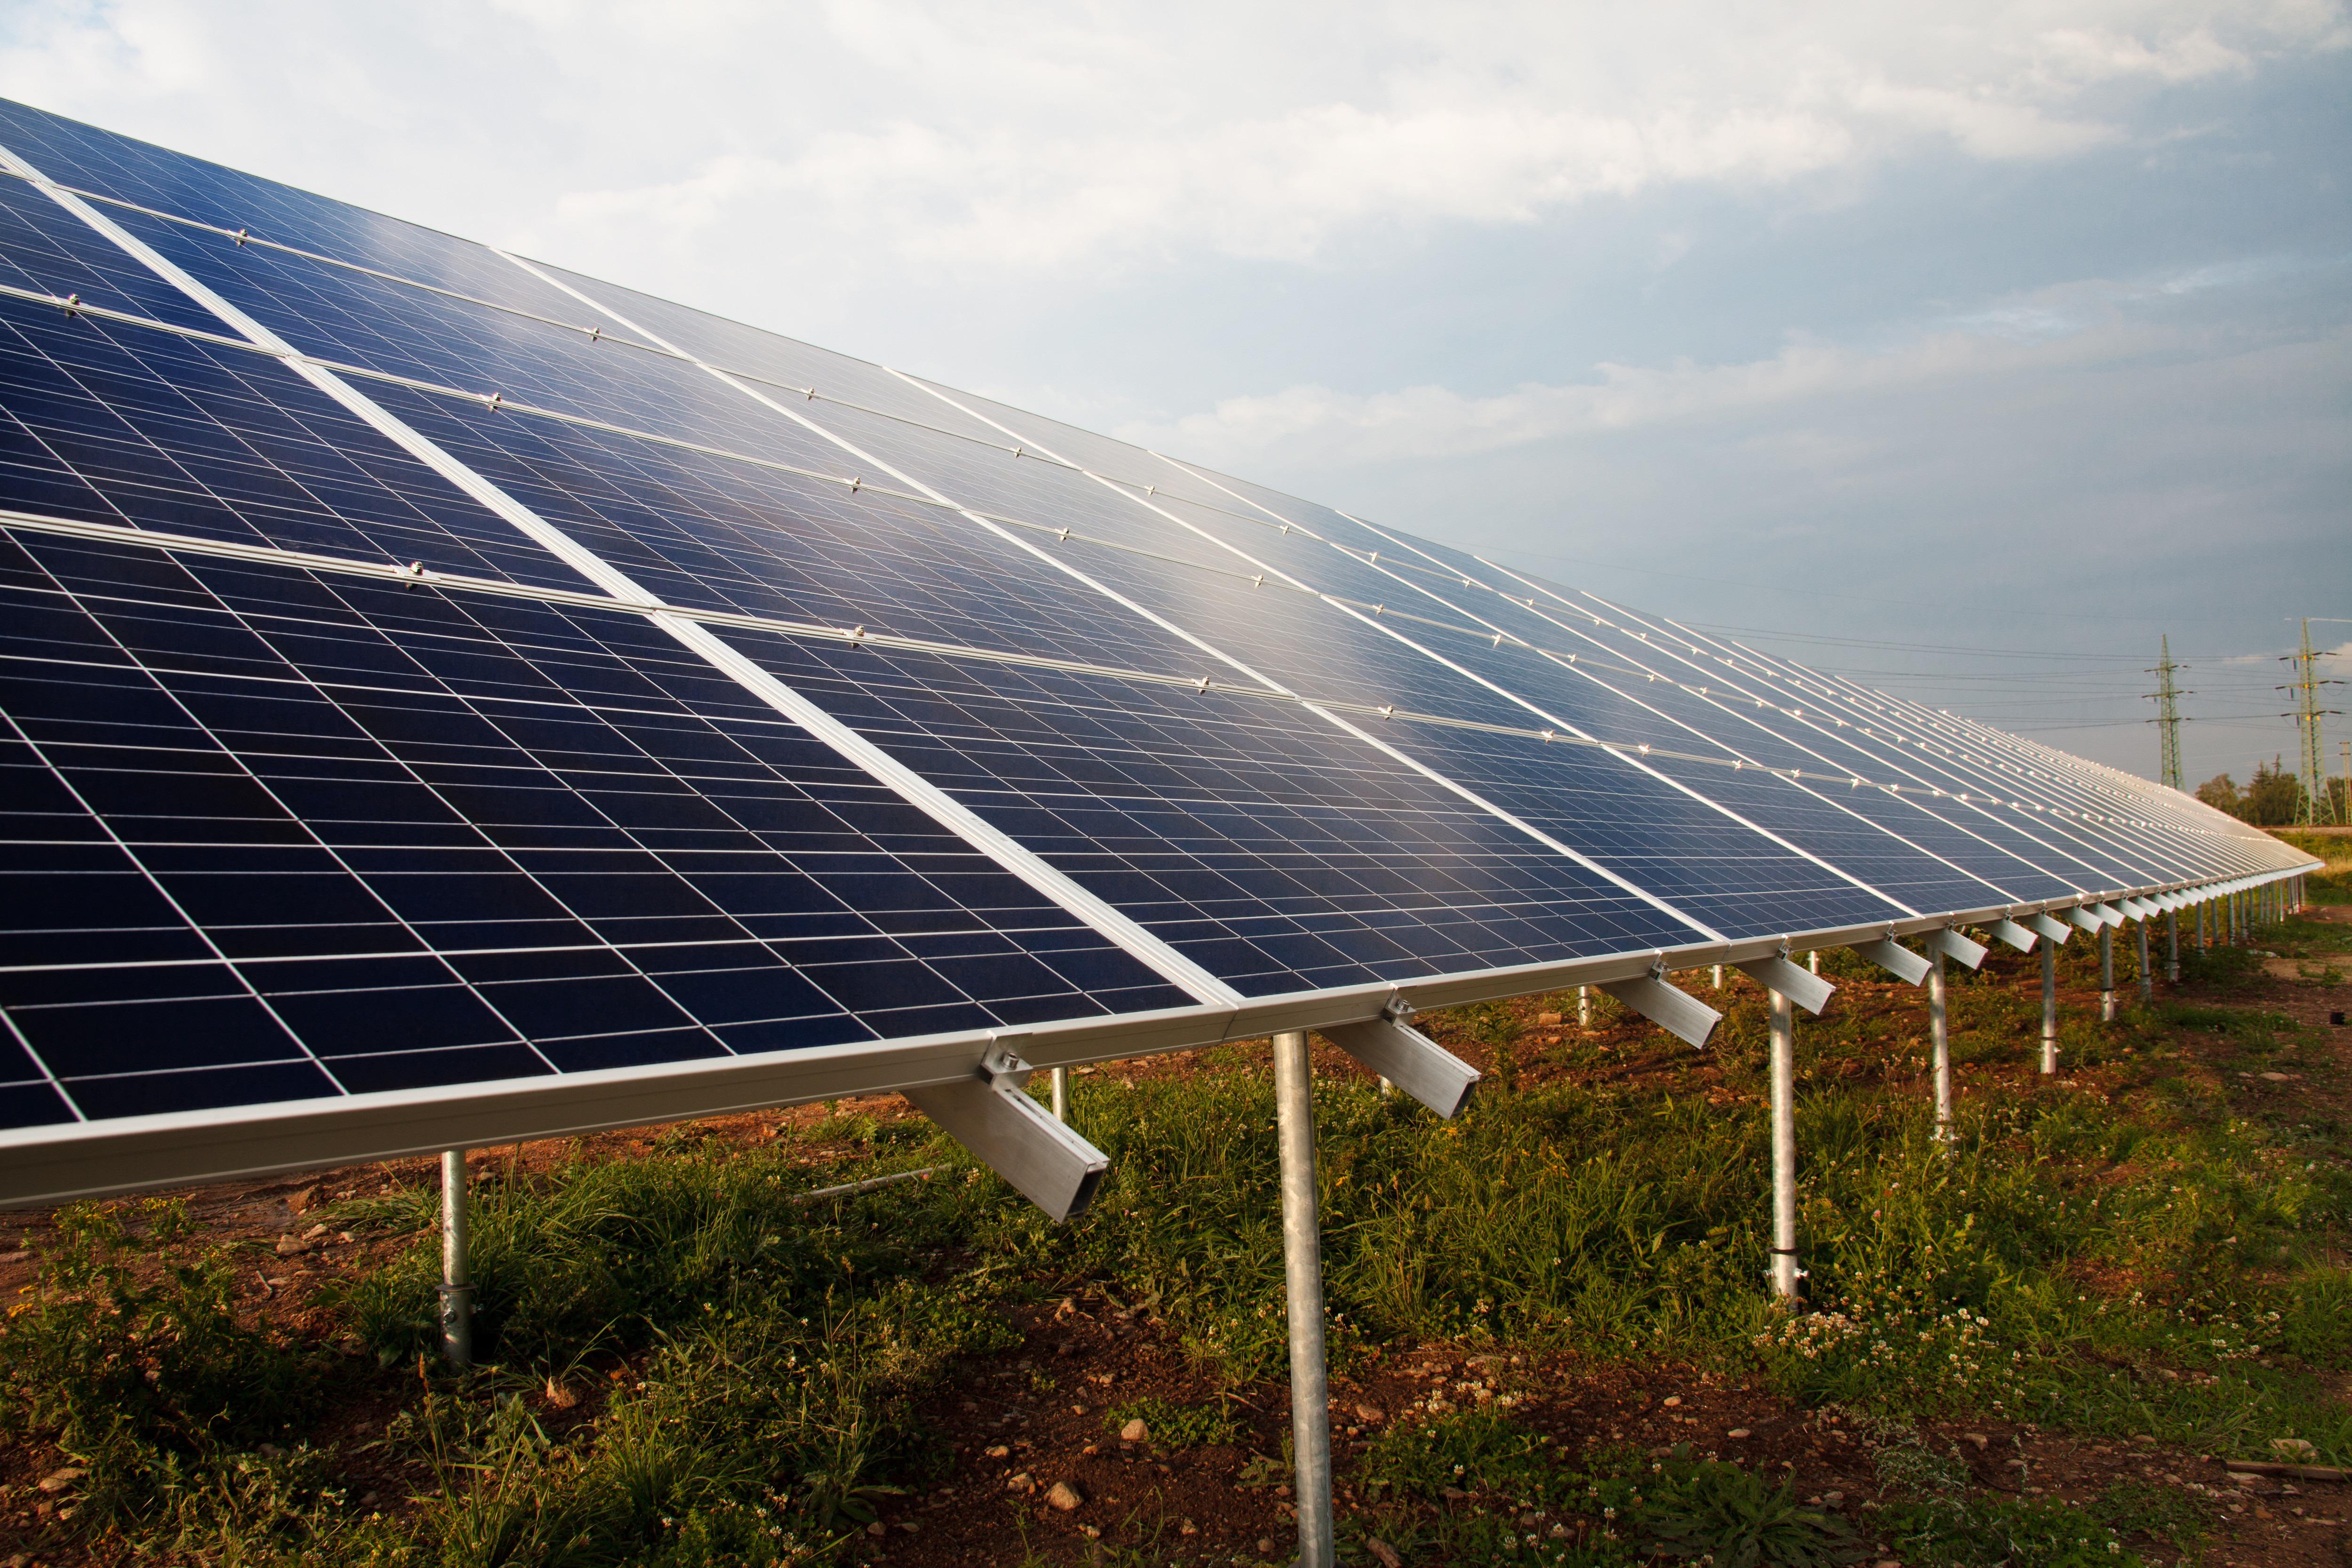 Альтернативные источники электроэнергии для частного дома: своими руками